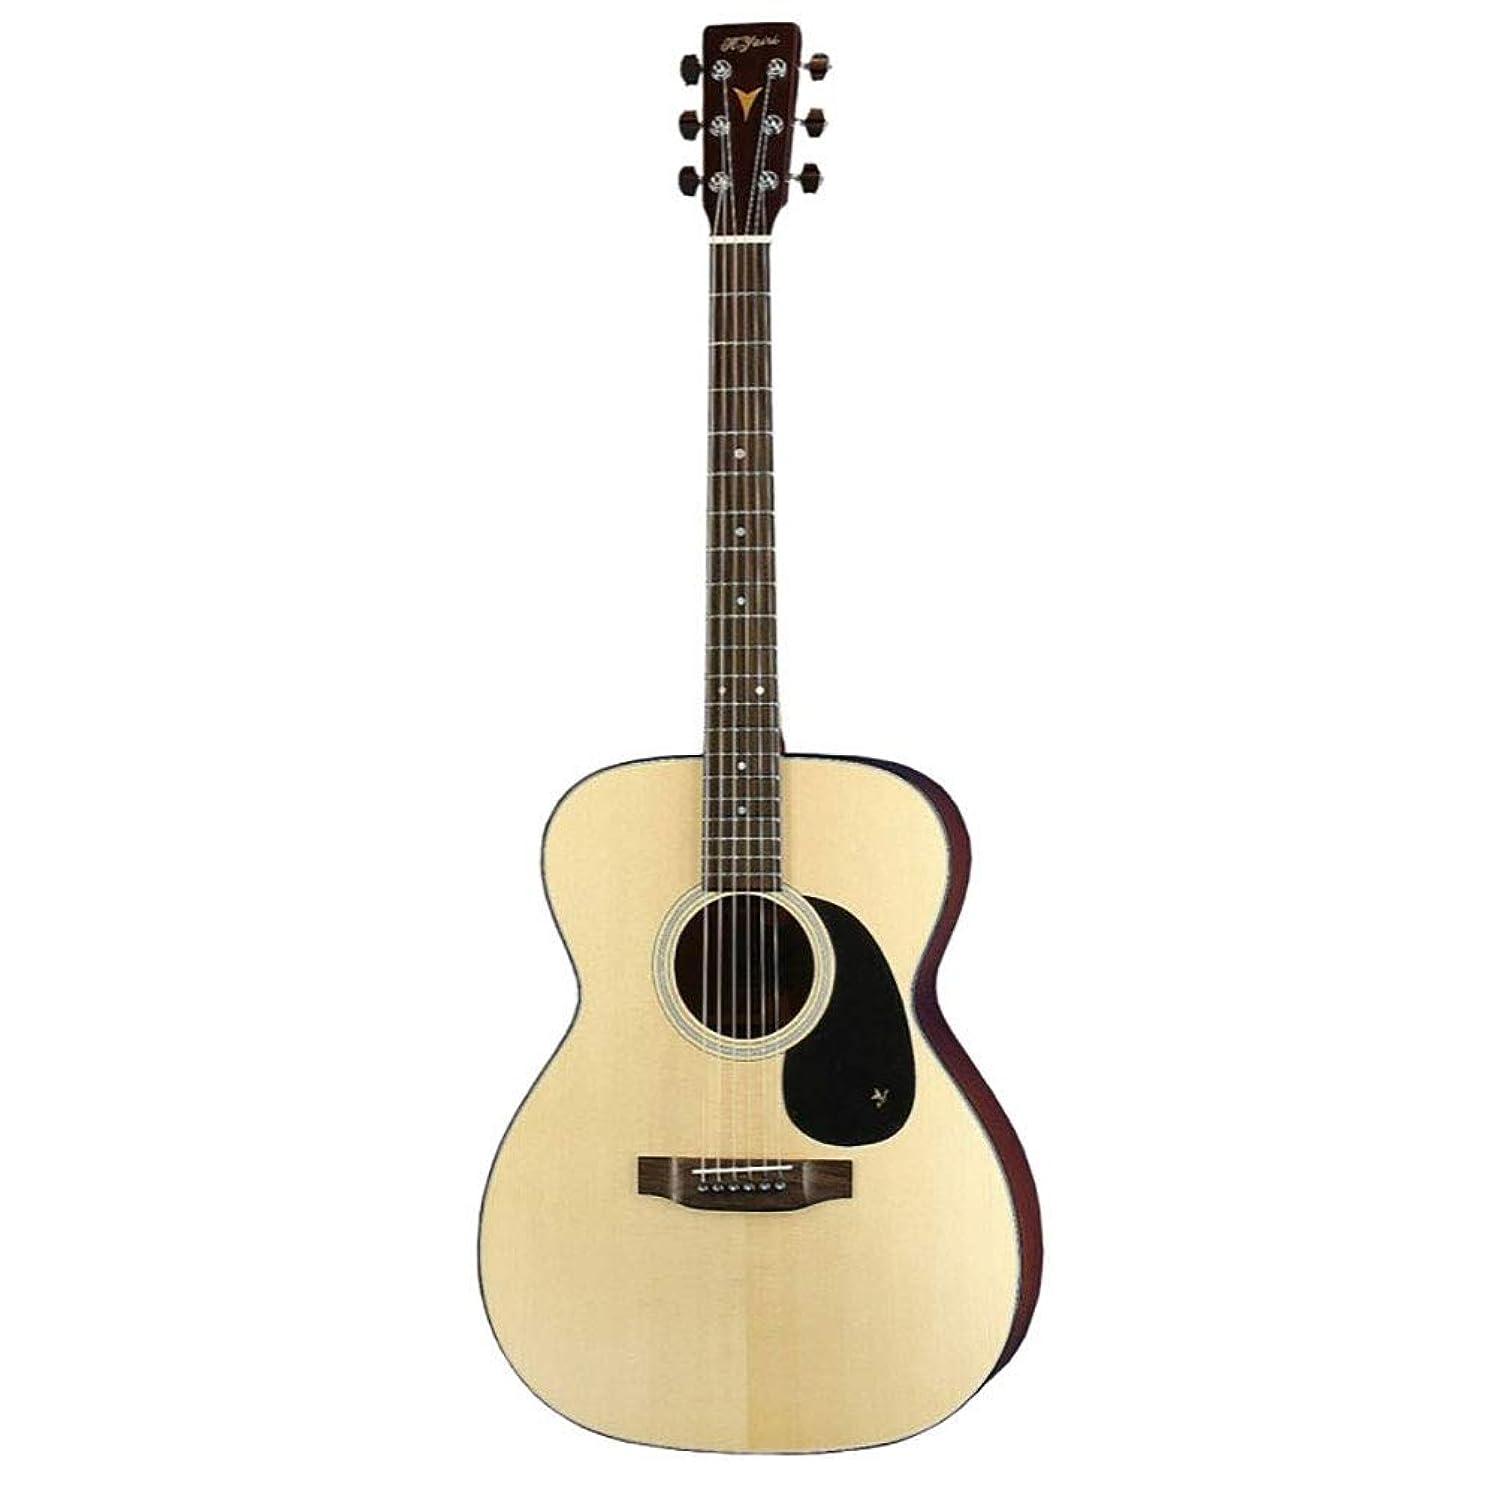 あいまいブルゴーニュ定期的なK.YAIRI YF-00018 N アコースティックギター ハードケース付き